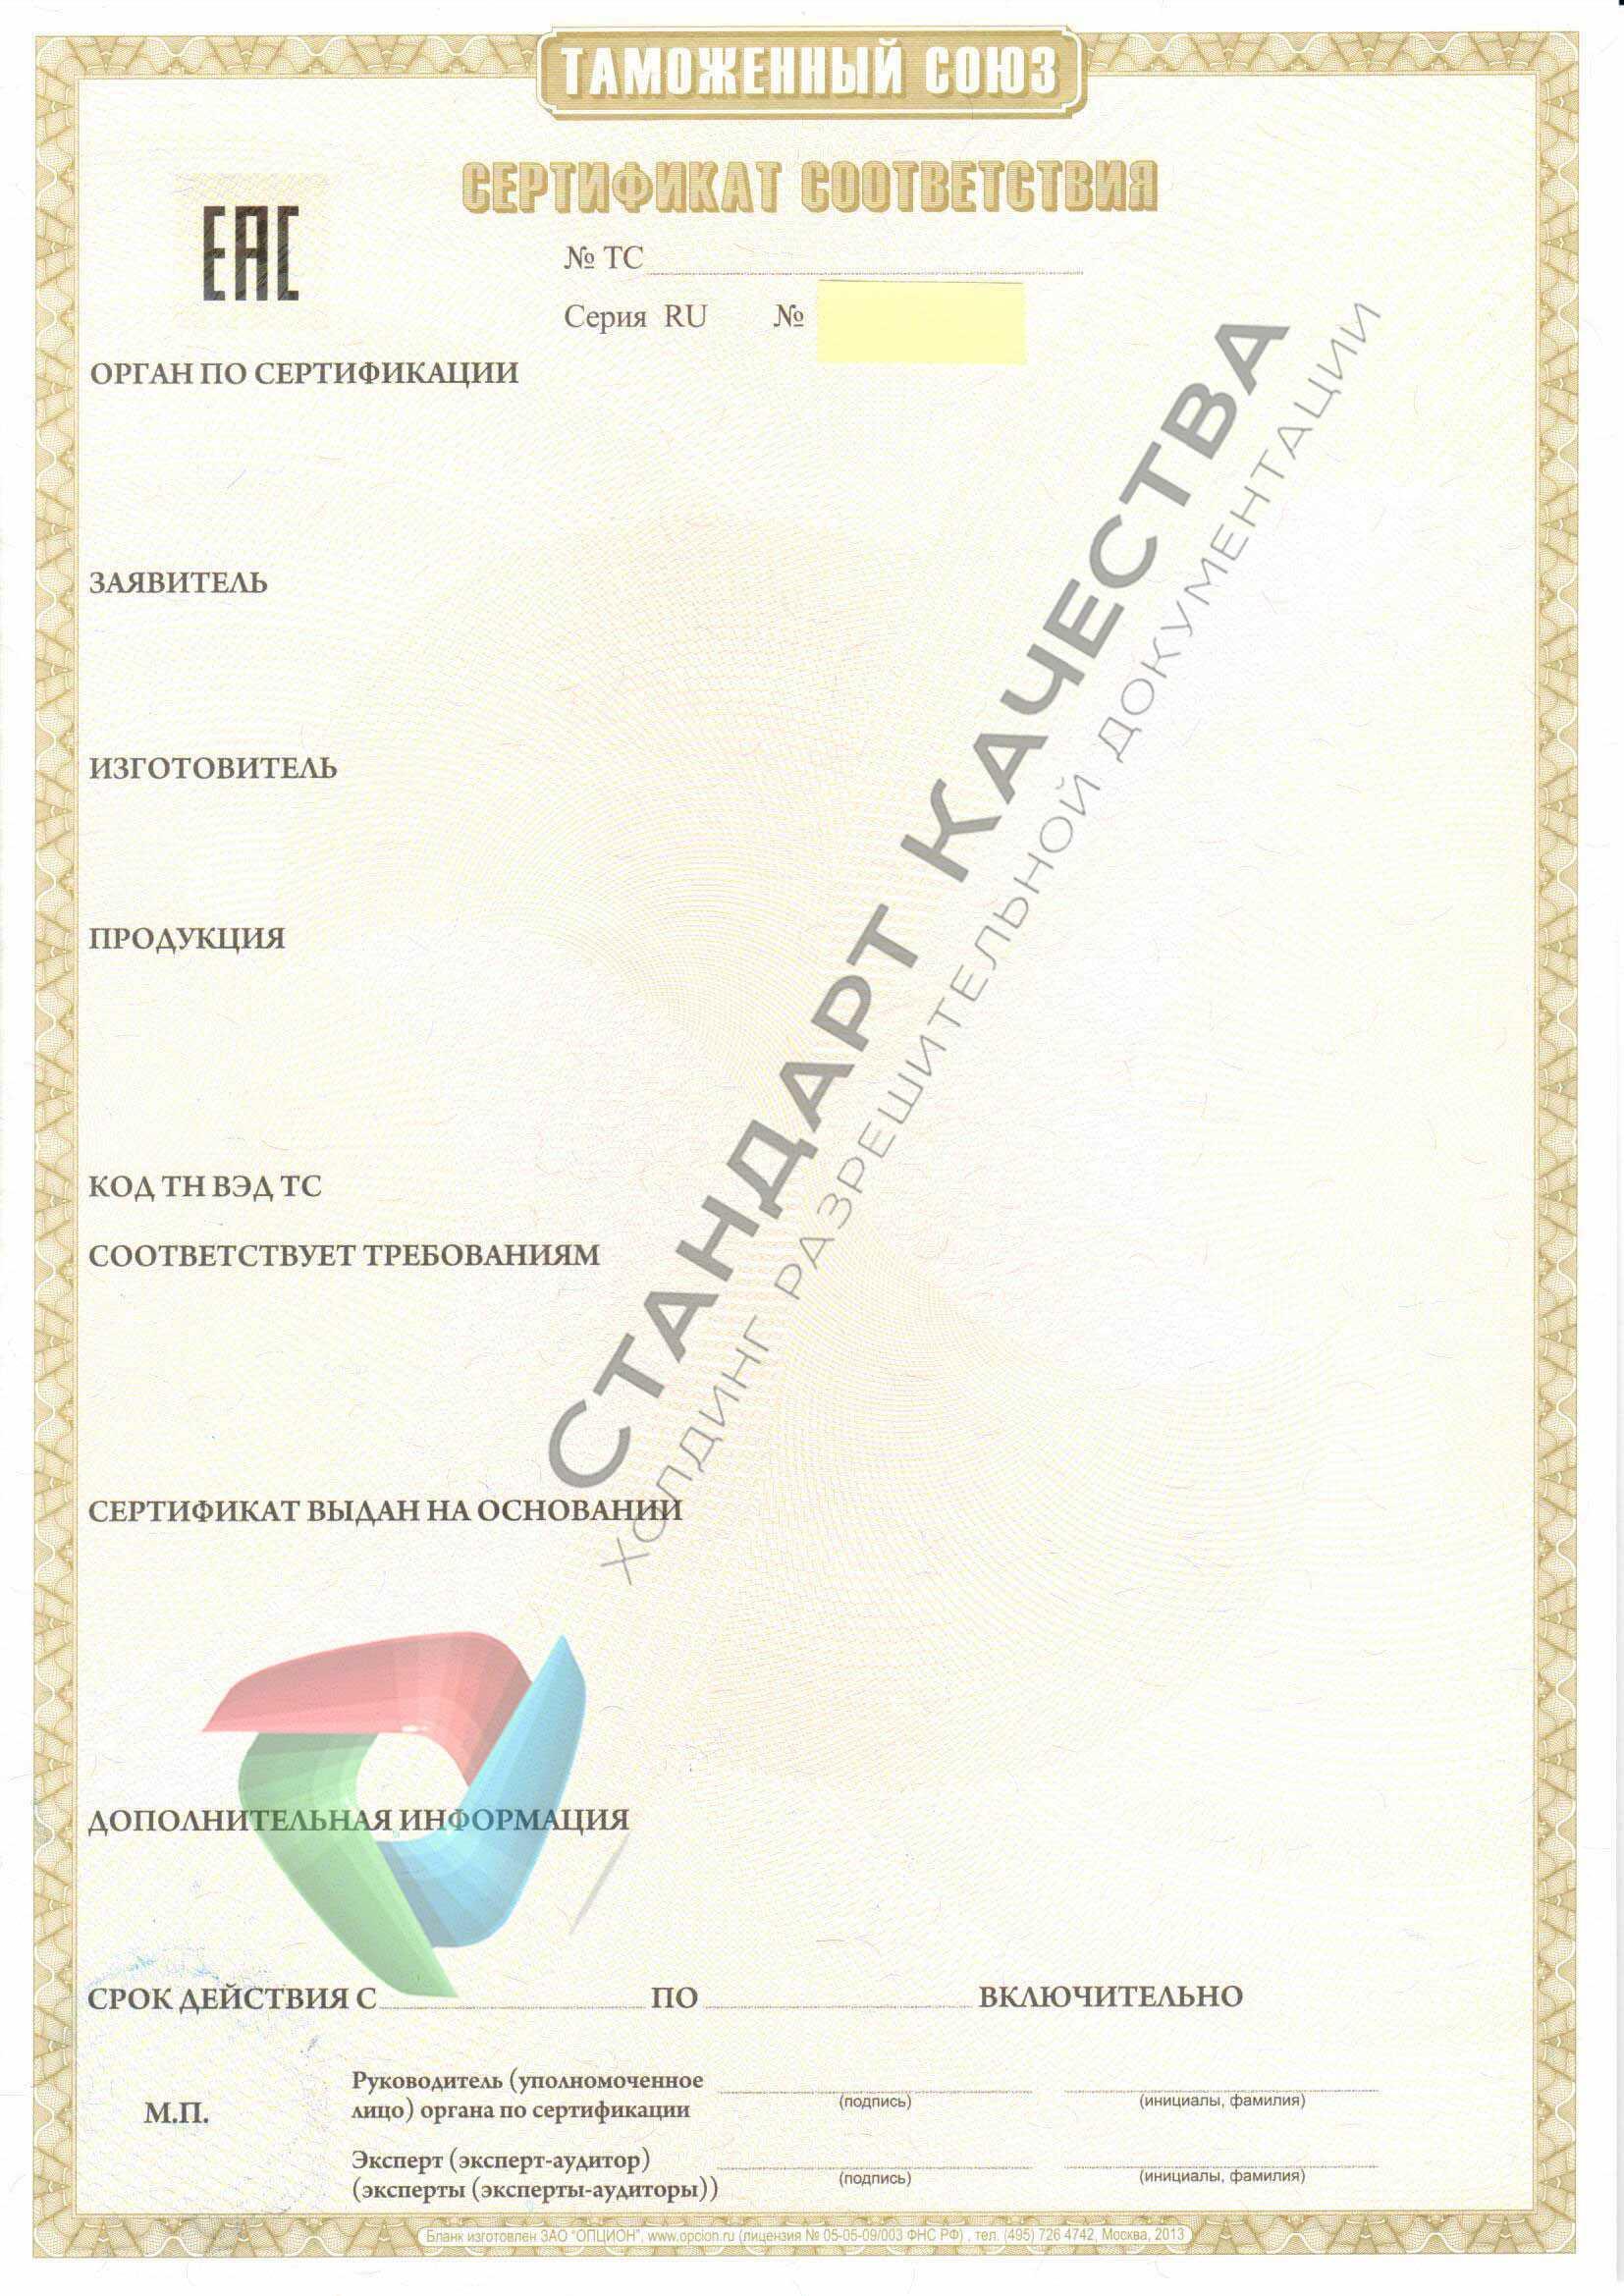 Получение зубоврачебного сертификата в москве сертификация кадров в здравоохранении